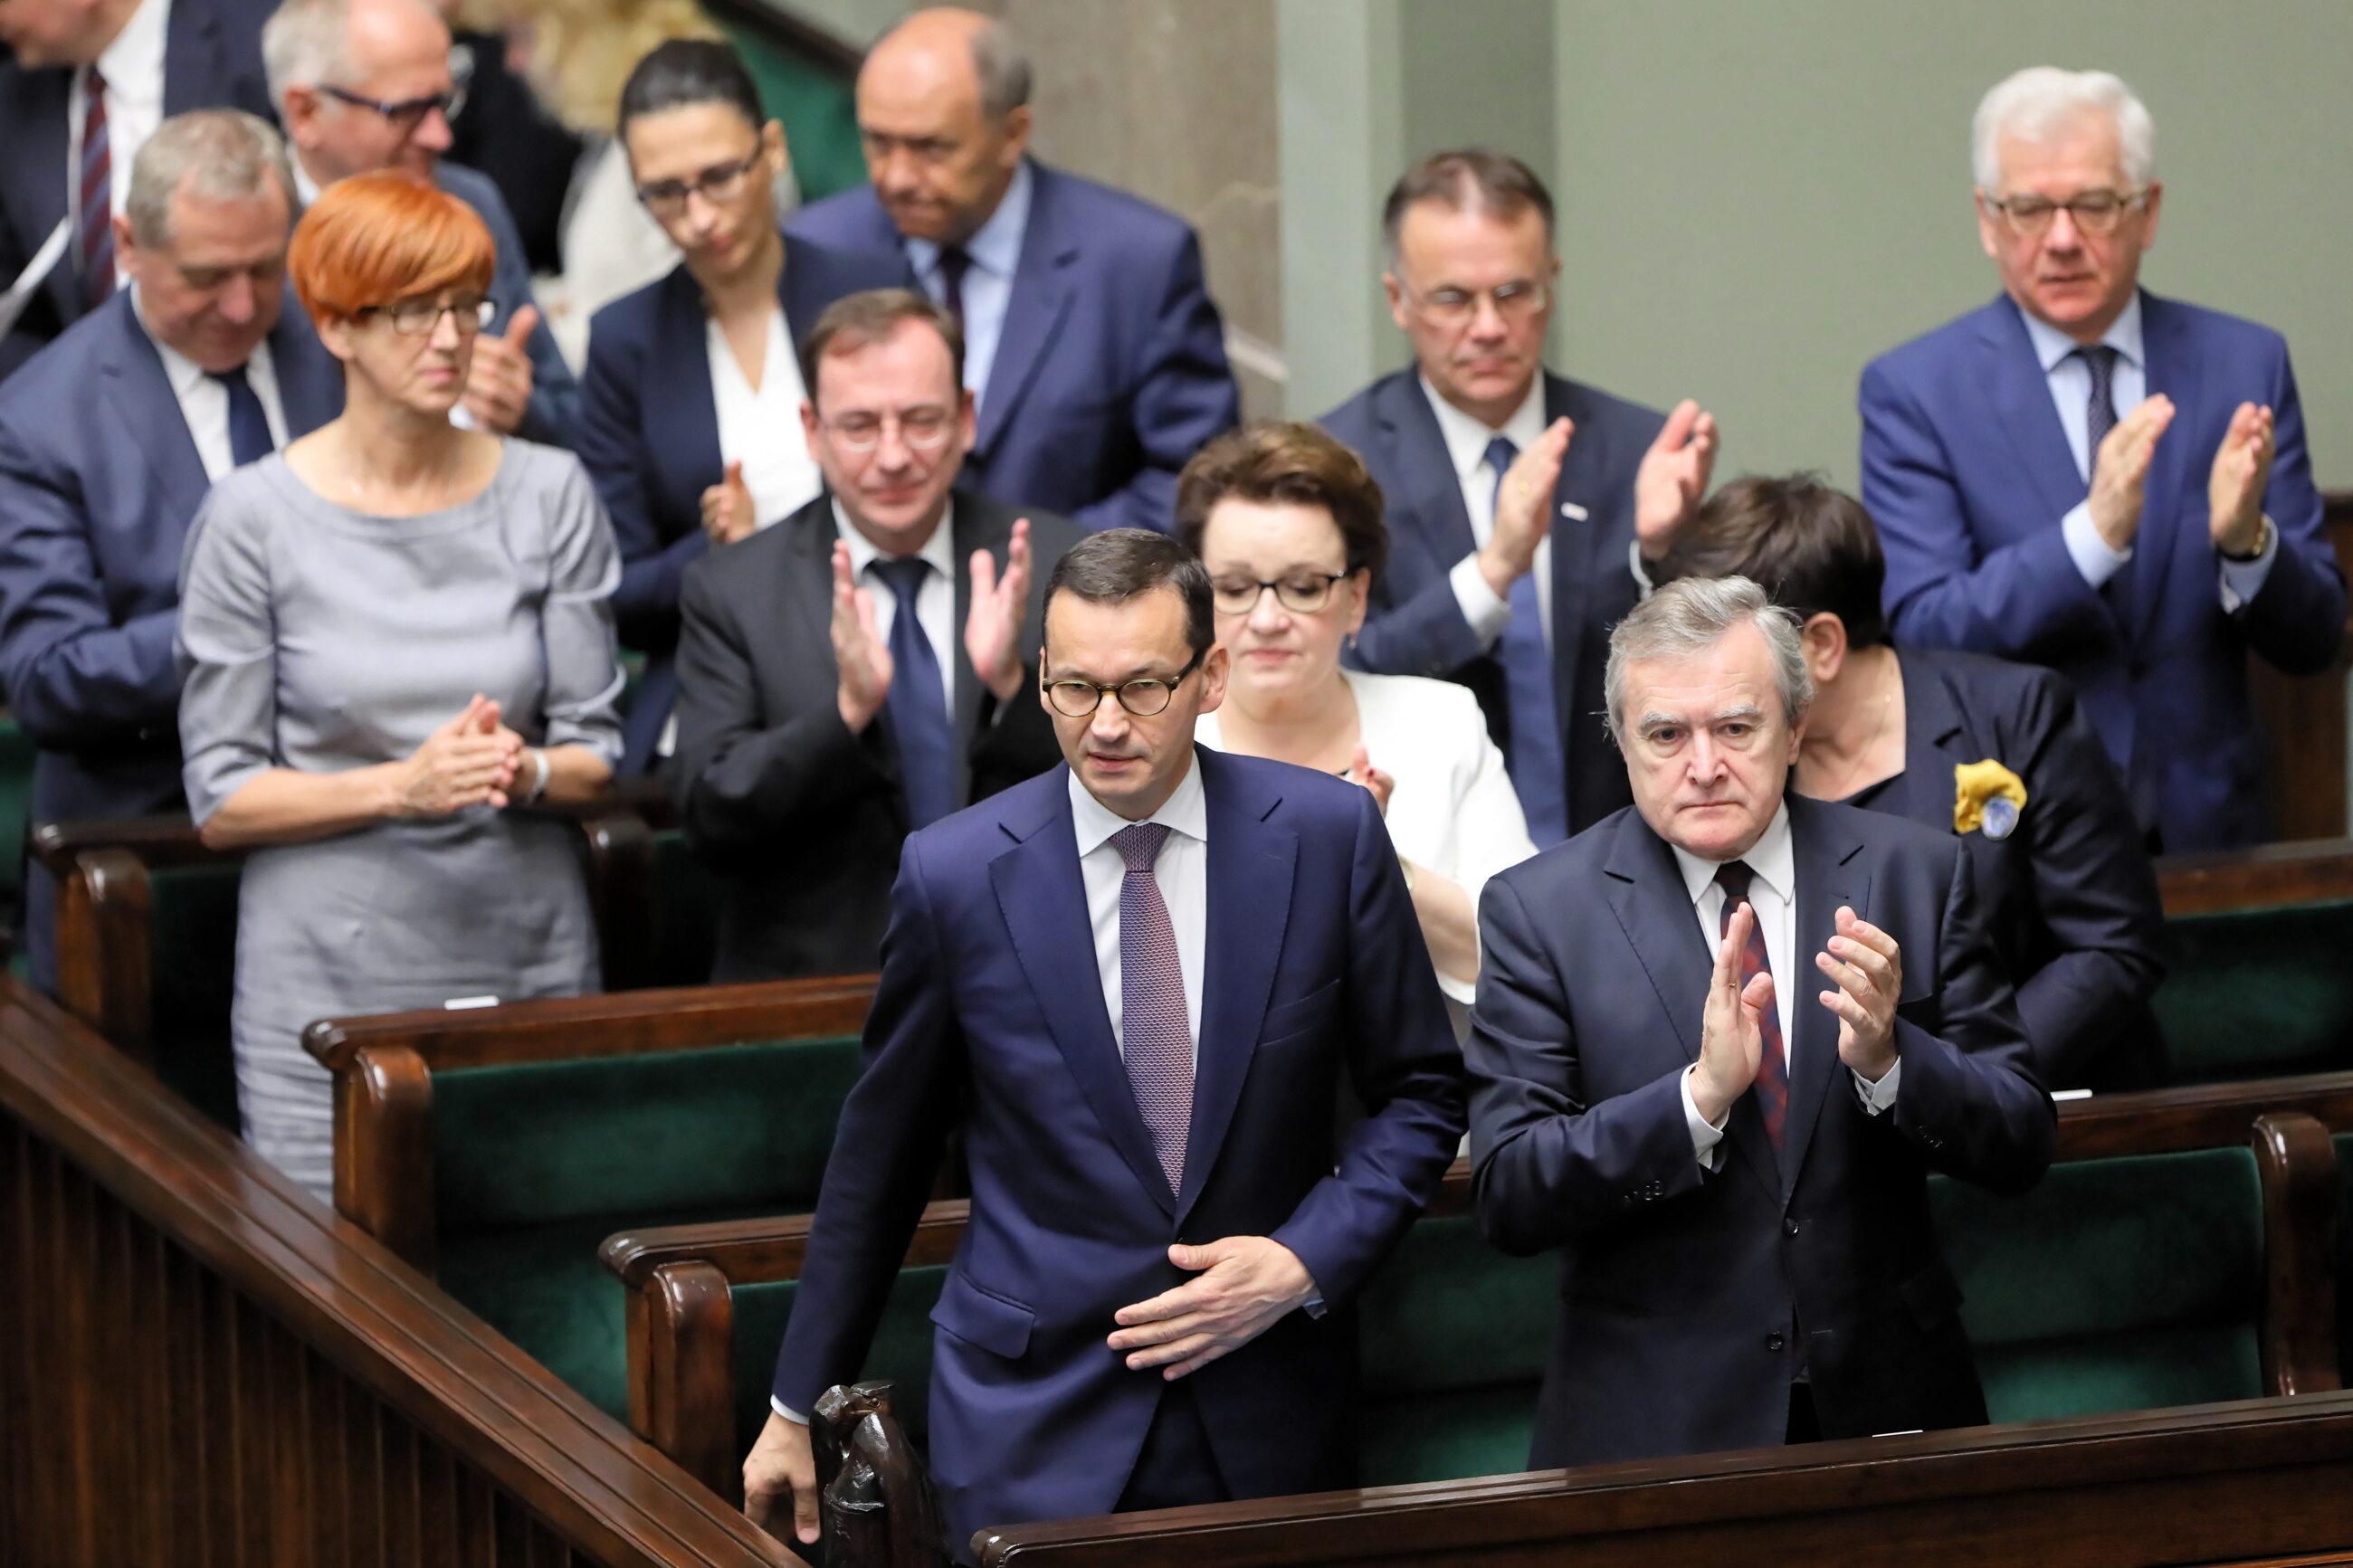 Premier Mateusz Morawiecki i wicepremier, minister kultury Piotr Gliński w ławach rządowych w Sejmie